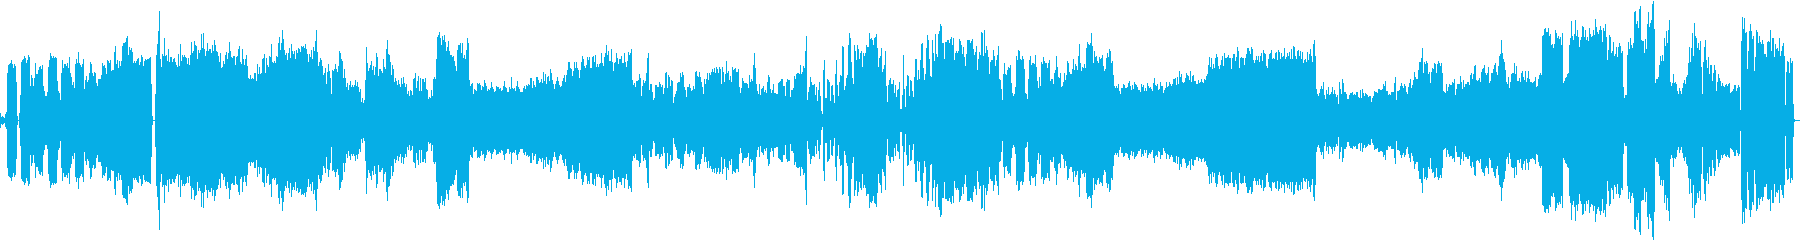 エクトル・ベルリオーズのカバーの再生済みの波形